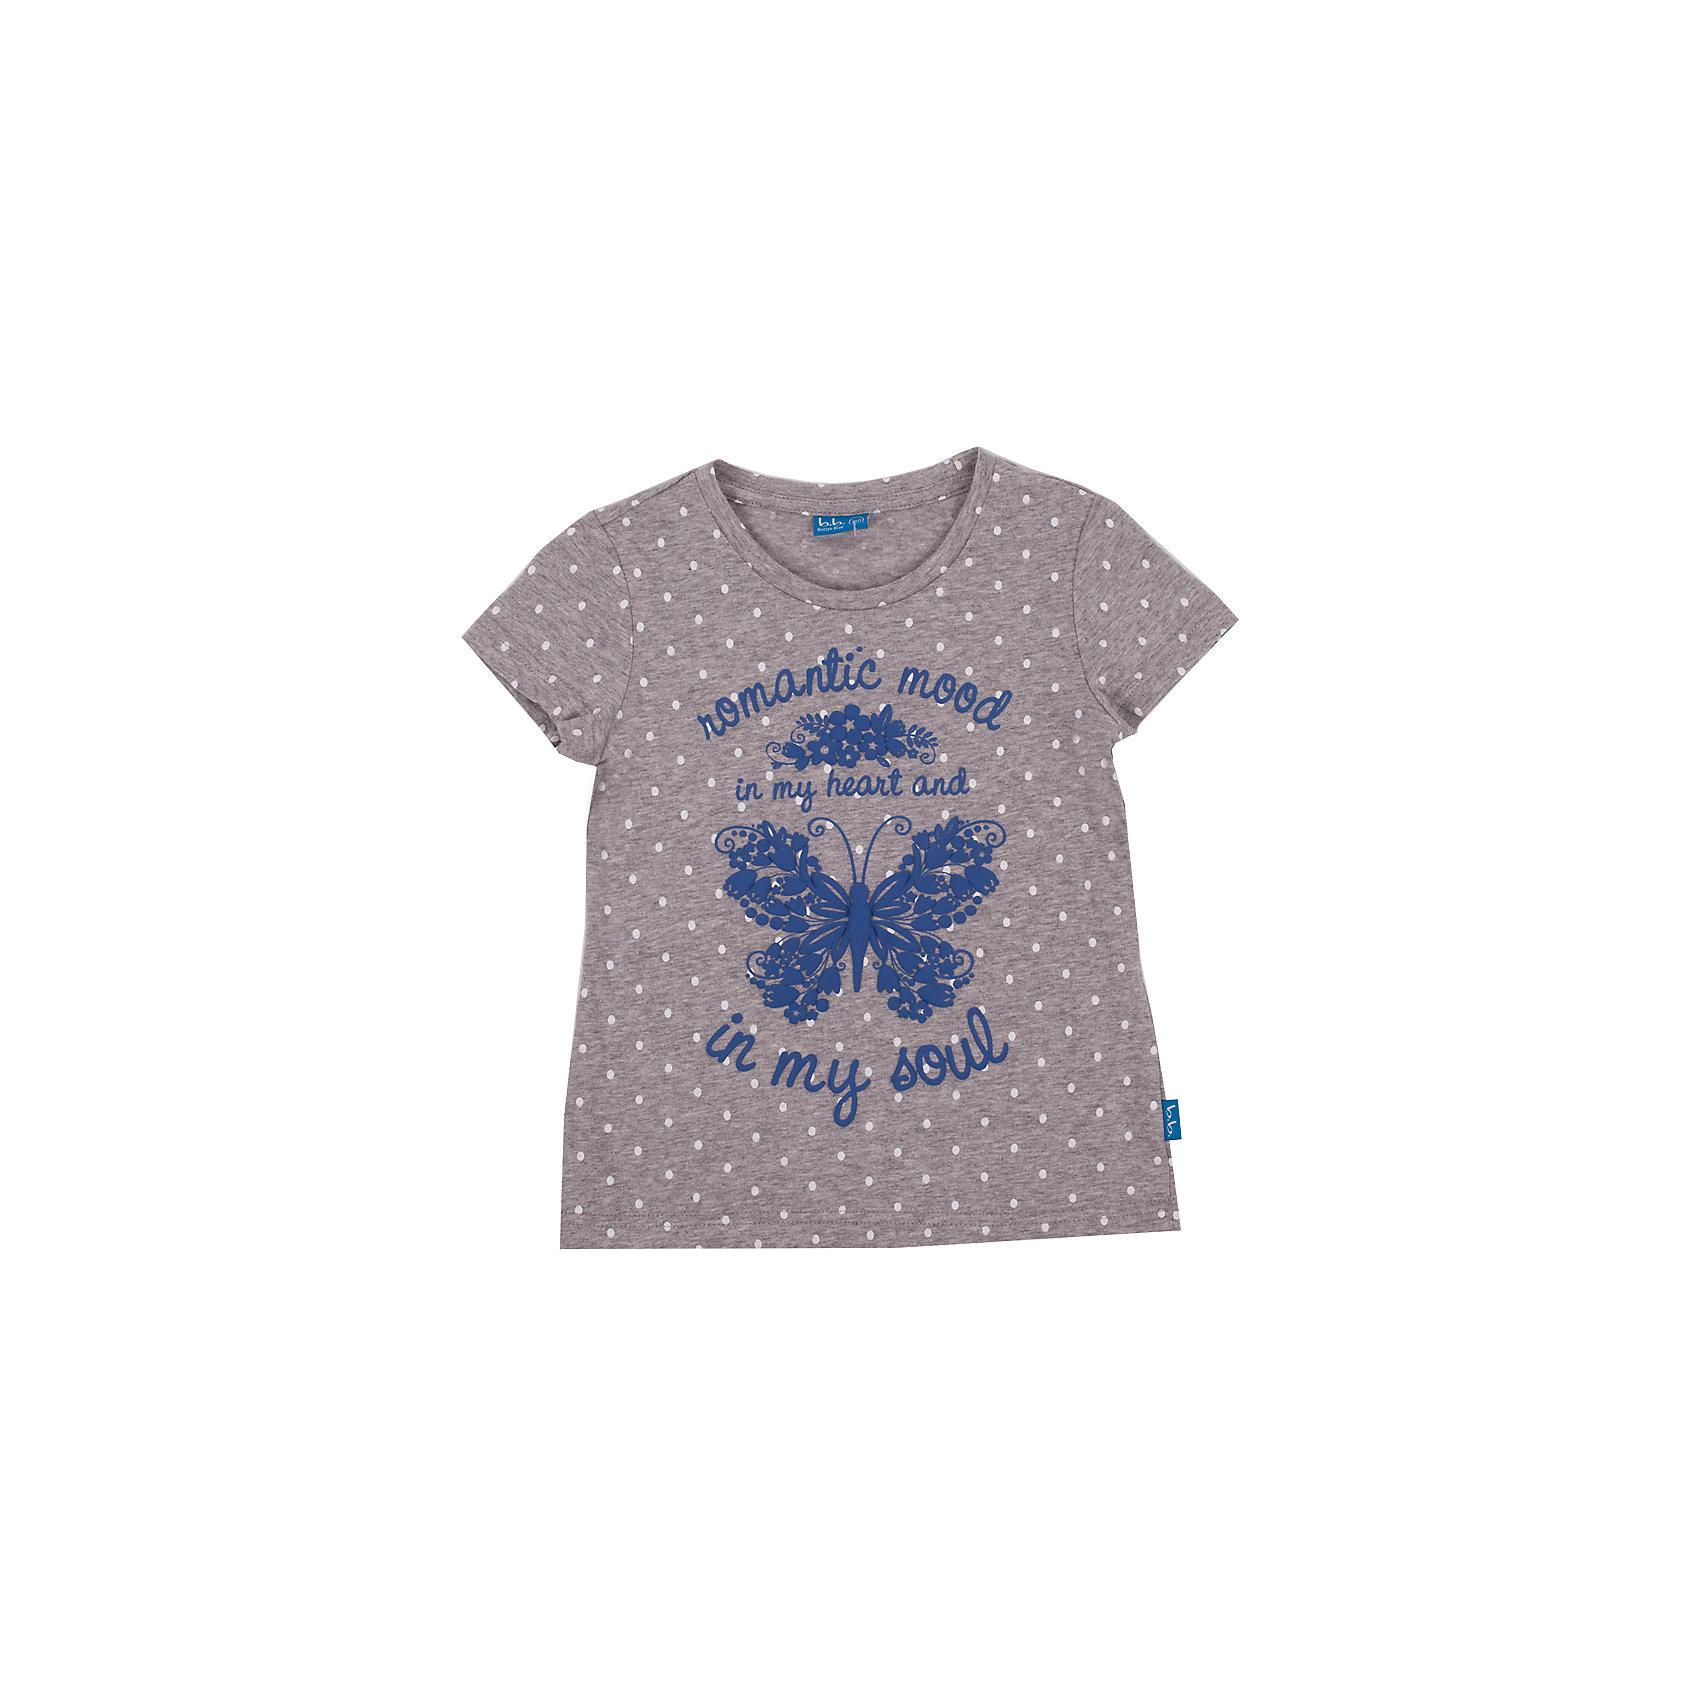 Футболка для девочки Button BlueСерая меланжевая футболка в горошек с ярким принтом - не просто базовая вещь в гардеробе ребенка, а залог хорошего летнего настроения! Отличное качество и доступная цена прилагаются. Если вы решили купить недорогую футболку для девочки, выберете модель футболки с оригинальным принтом, и ваш ребенок будет доволен!<br>Состав:<br>100% хлопок<br><br>Ширина мм: 199<br>Глубина мм: 10<br>Высота мм: 161<br>Вес г: 151<br>Цвет: серый<br>Возраст от месяцев: 132<br>Возраст до месяцев: 144<br>Пол: Женский<br>Возраст: Детский<br>Размер: 152,98,128,140,122,116,146,134,110,158,104<br>SKU: 4510545